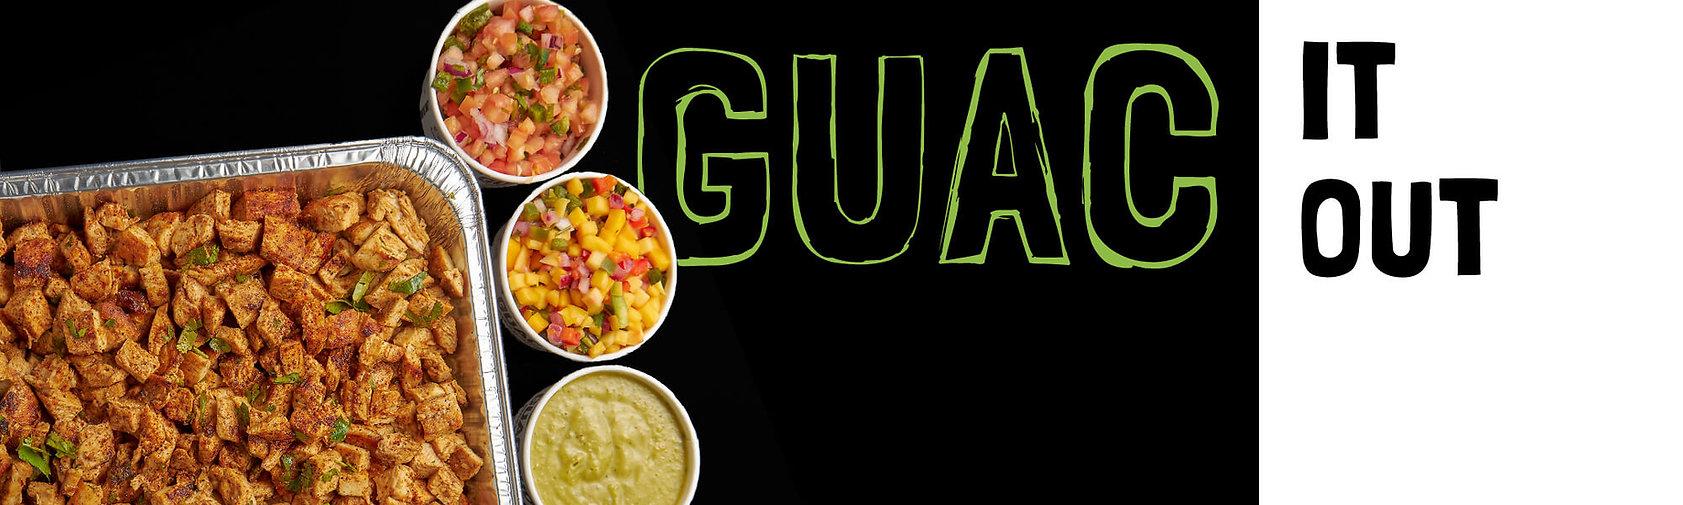 guac-shop-catering-banner-1-5cad0a11ec73